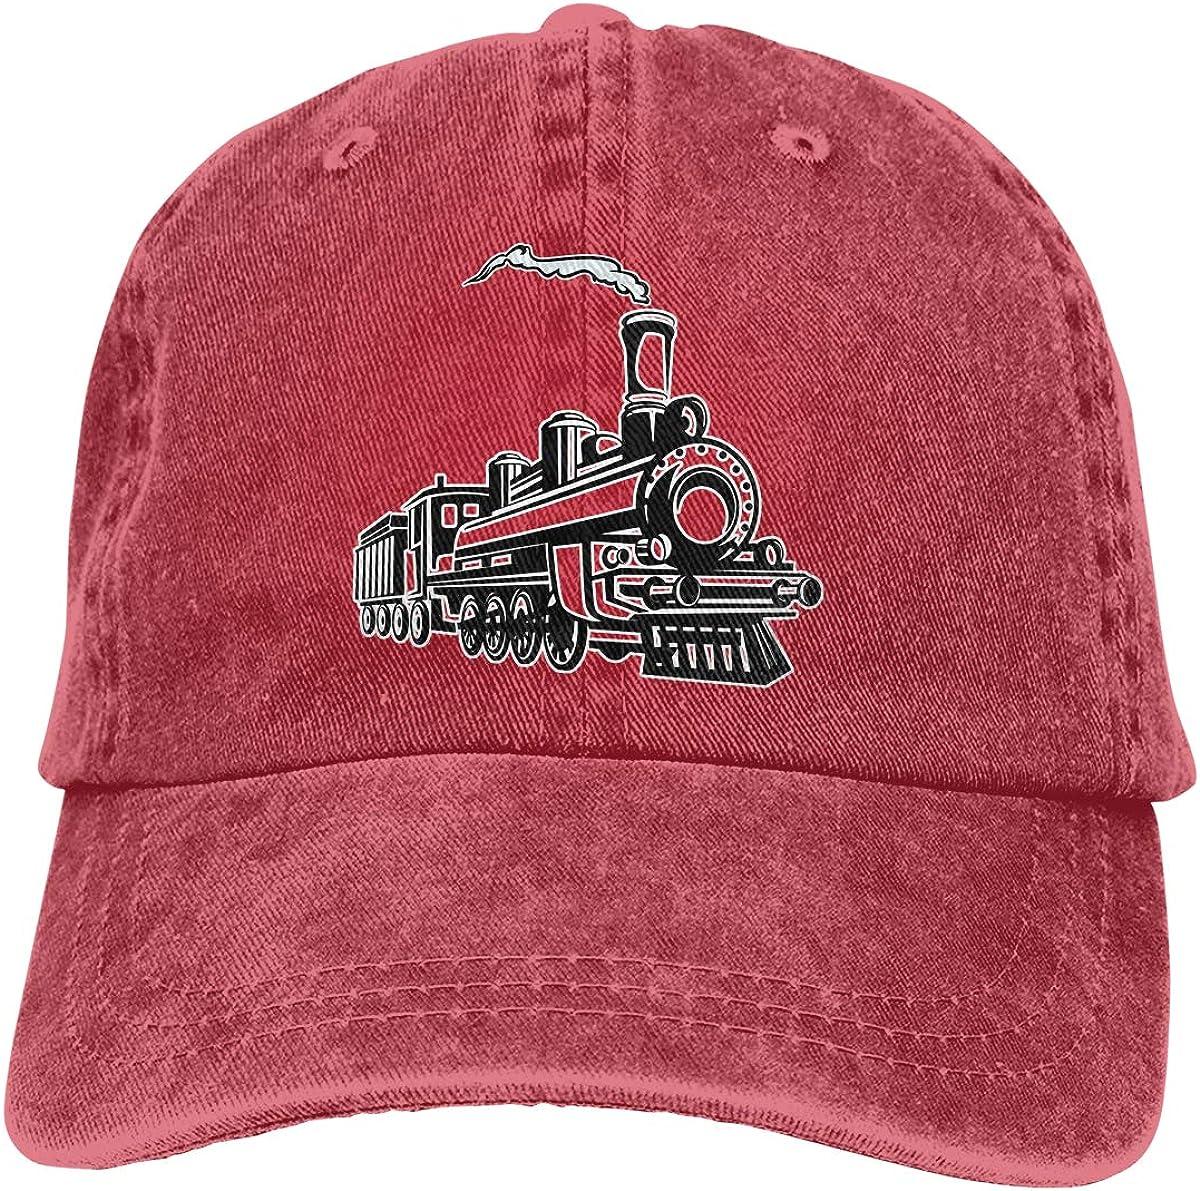 Men Women Vintage Trains Vintage Washed Dad Hat Cute Adjustable Baseball Cap